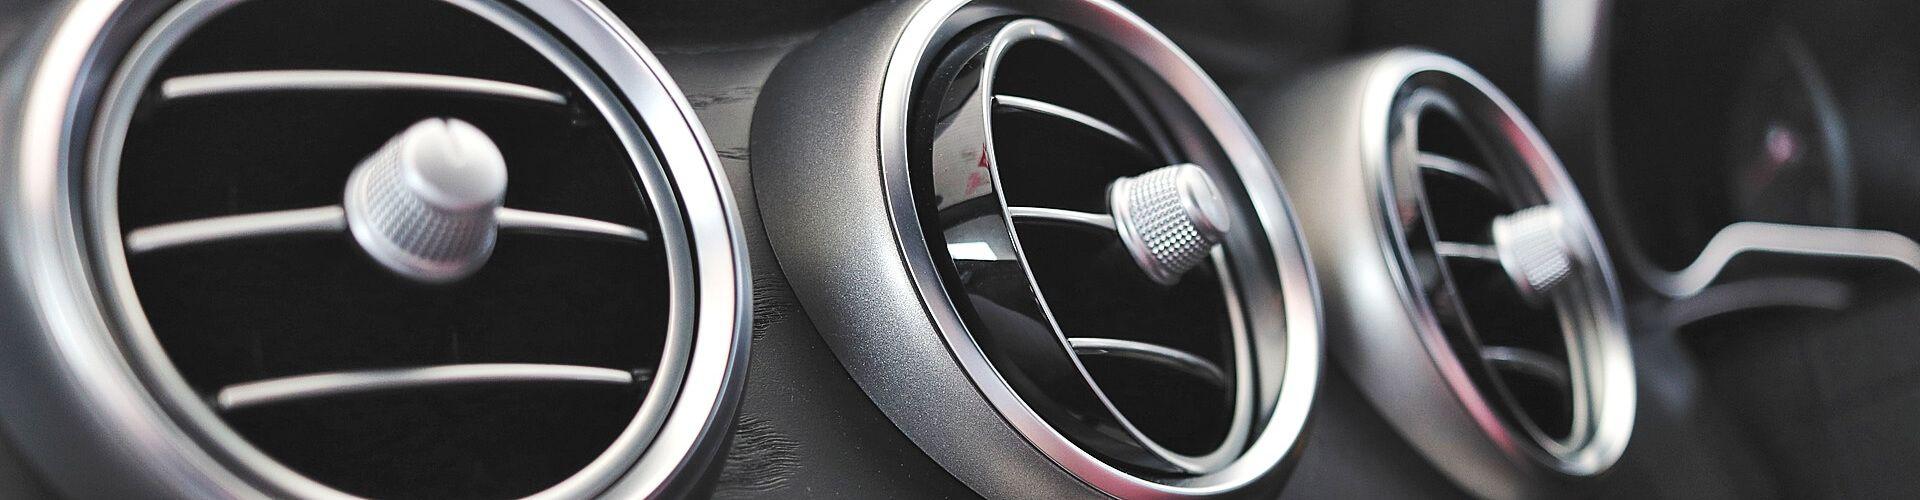 recargar-aire-acondicionado-coche